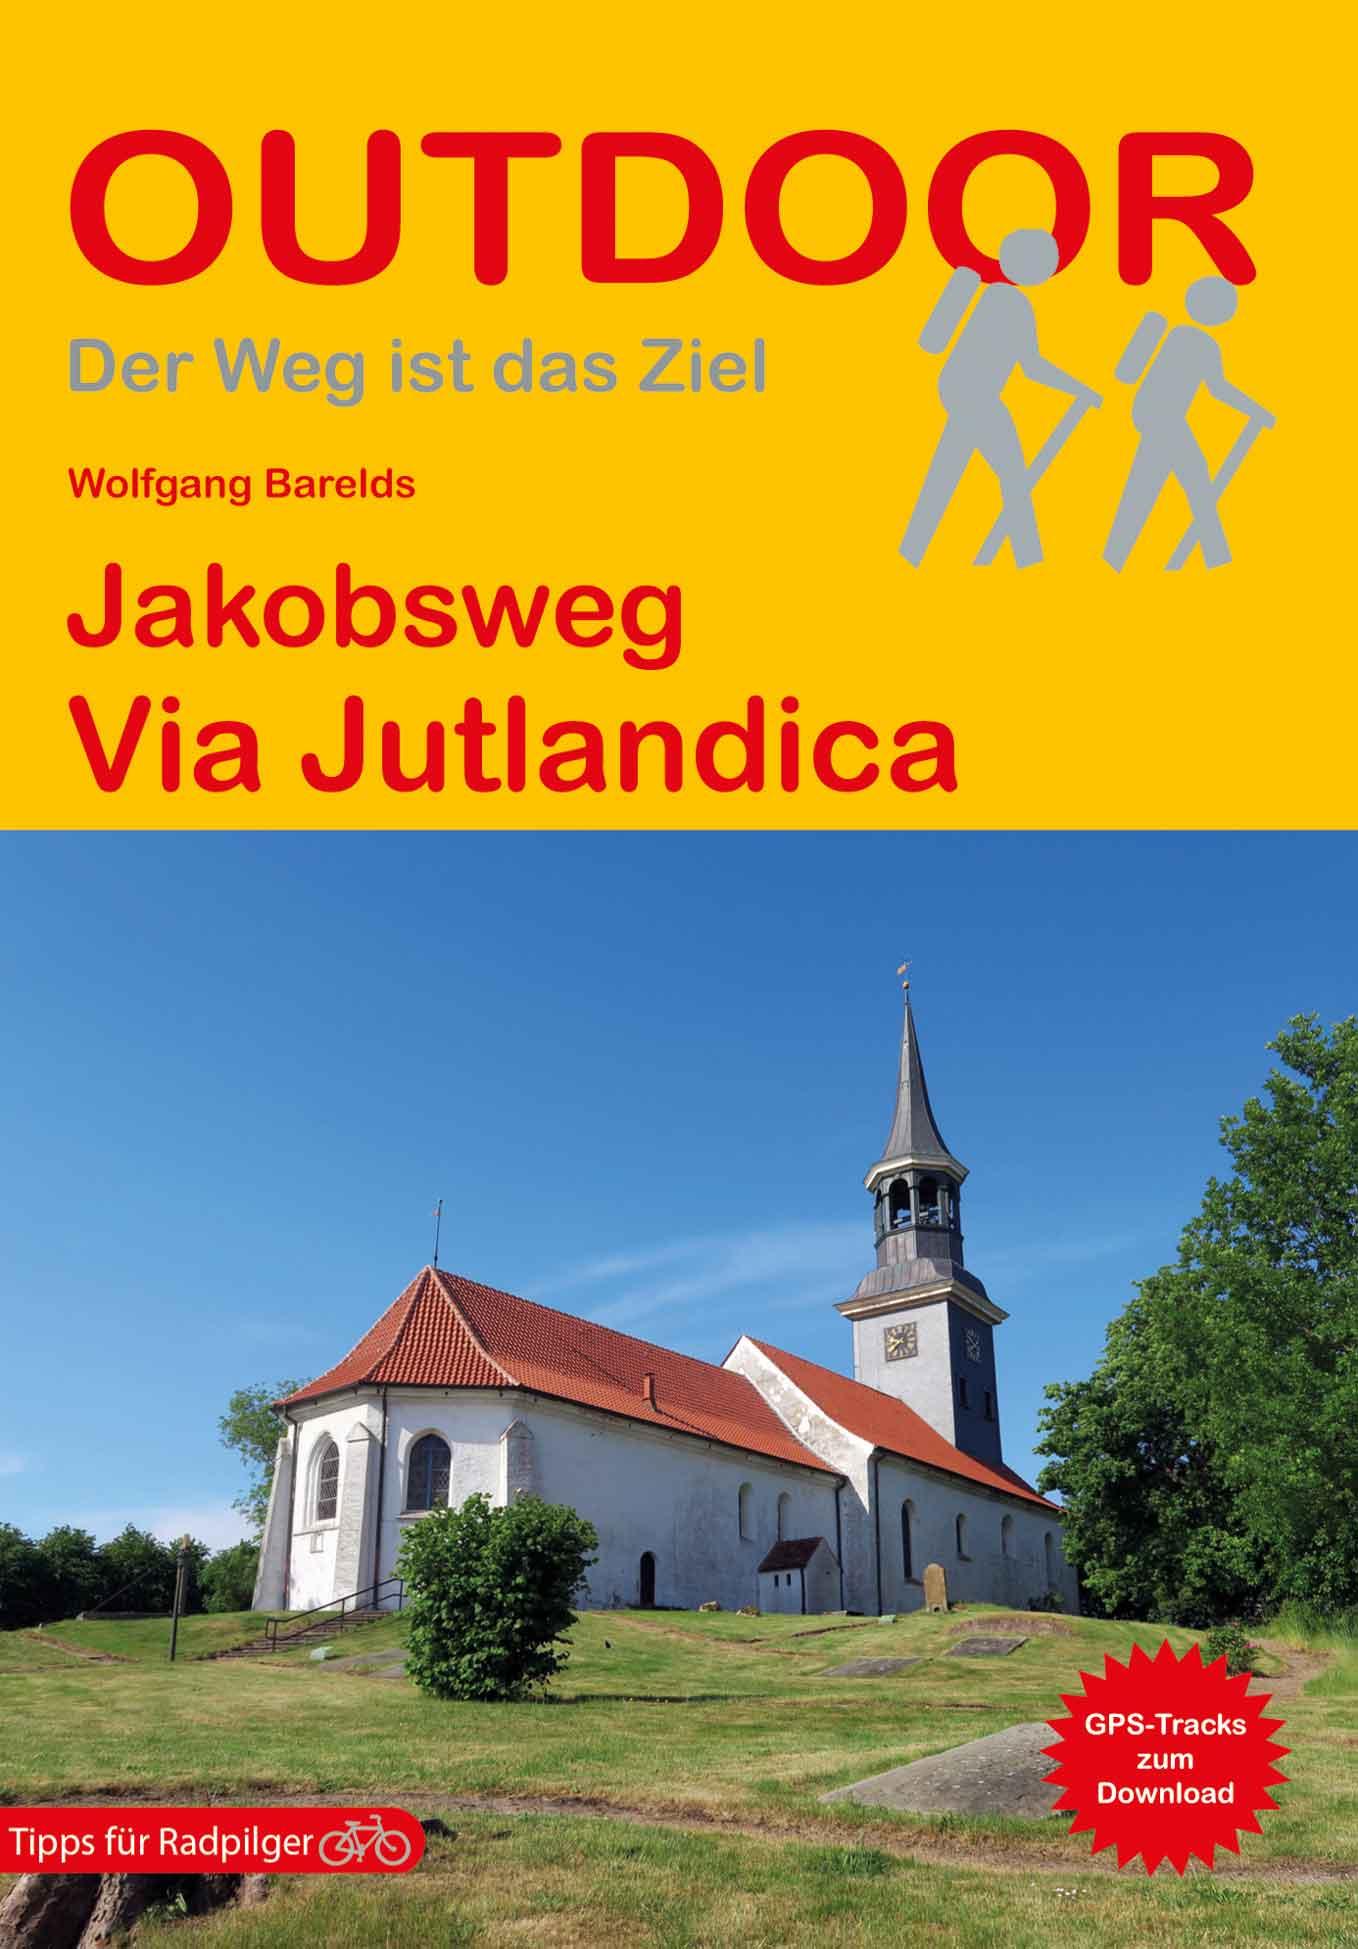 Jakobsweg Via Jutlandica